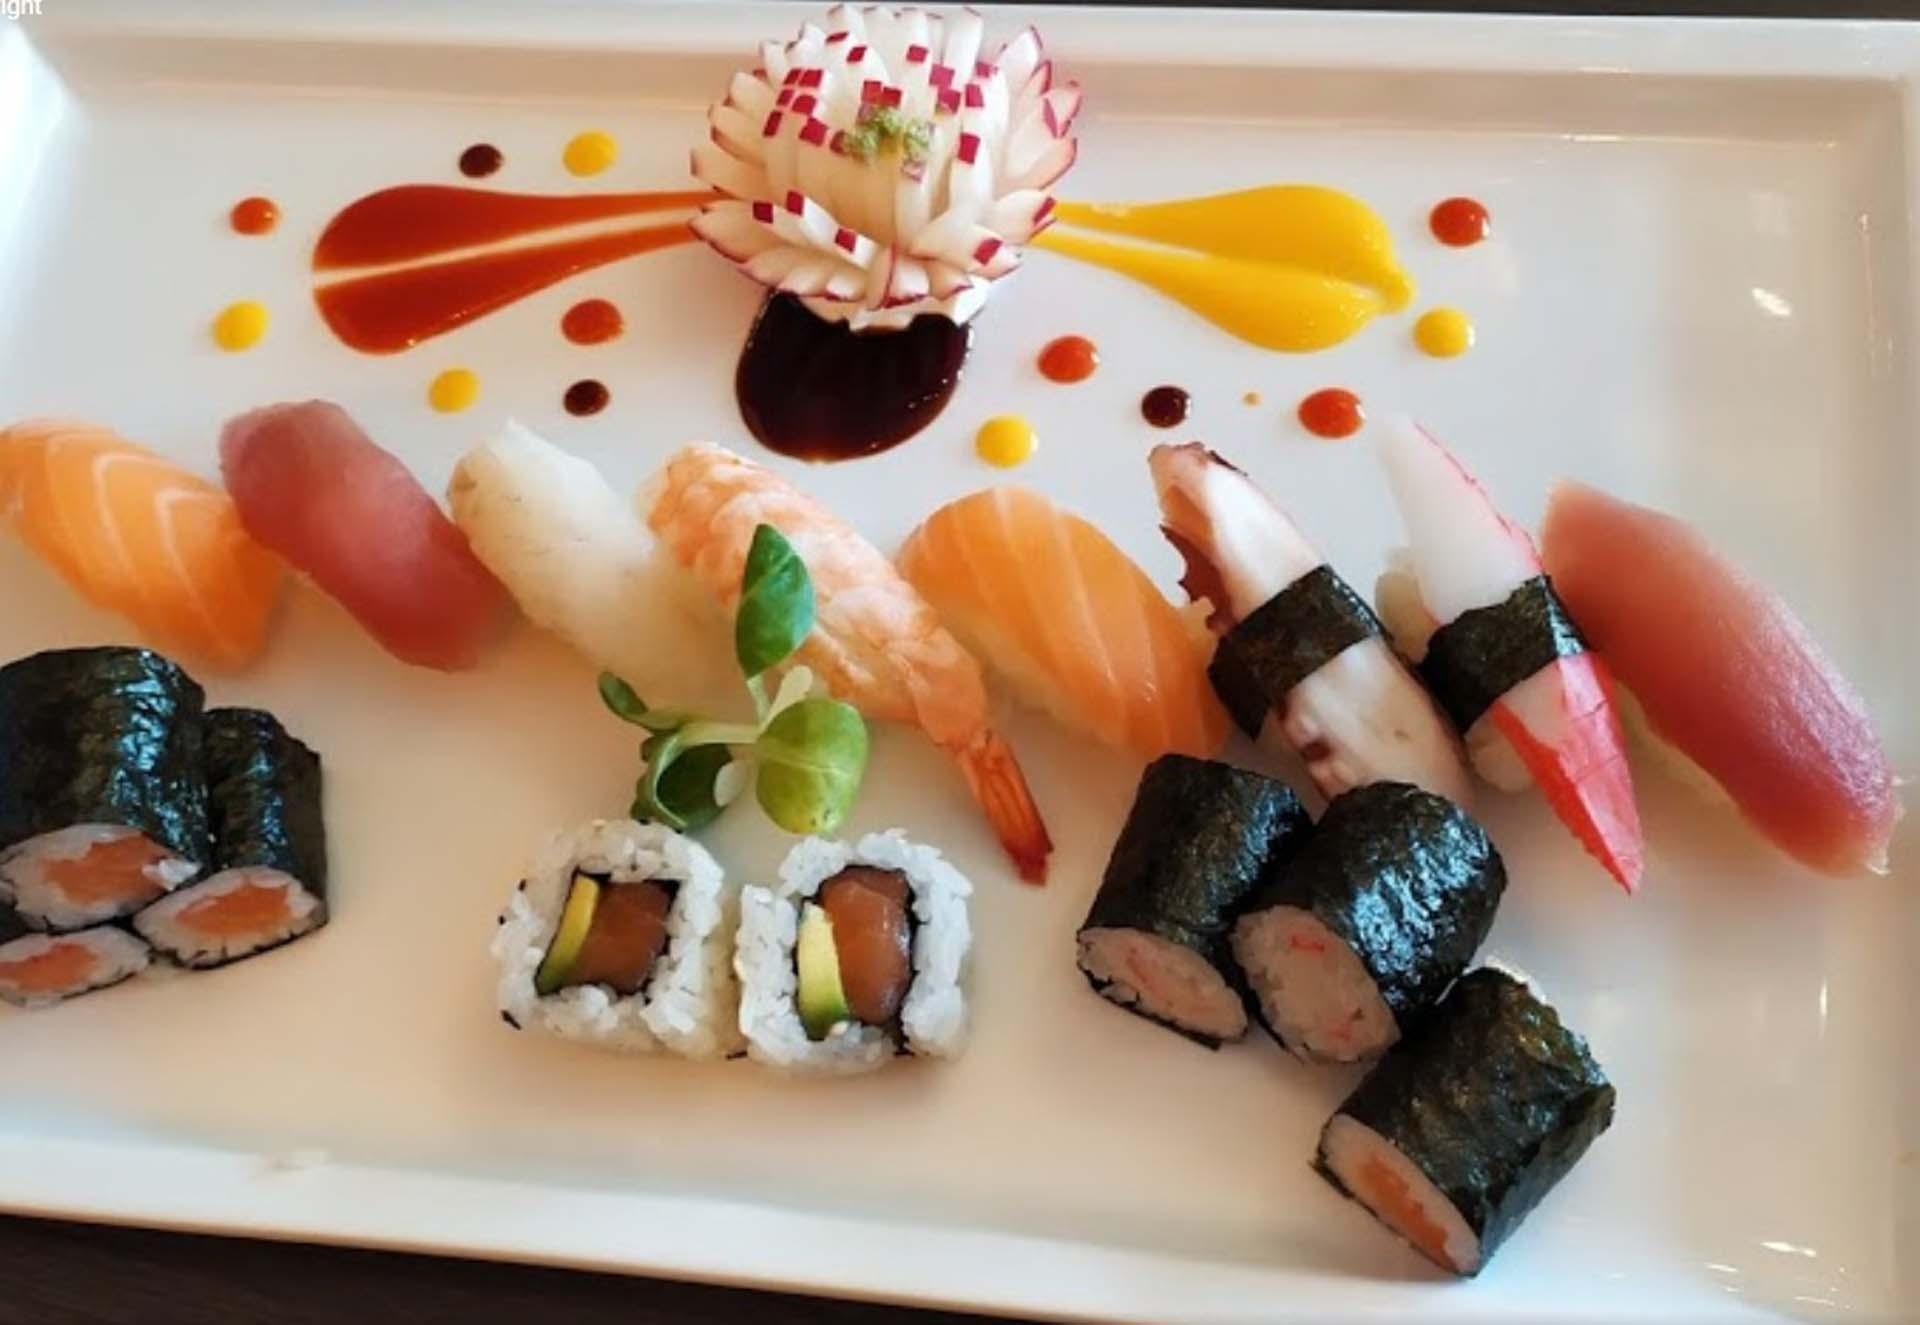 Sushi cucina giapponese Città di Castello Perugia